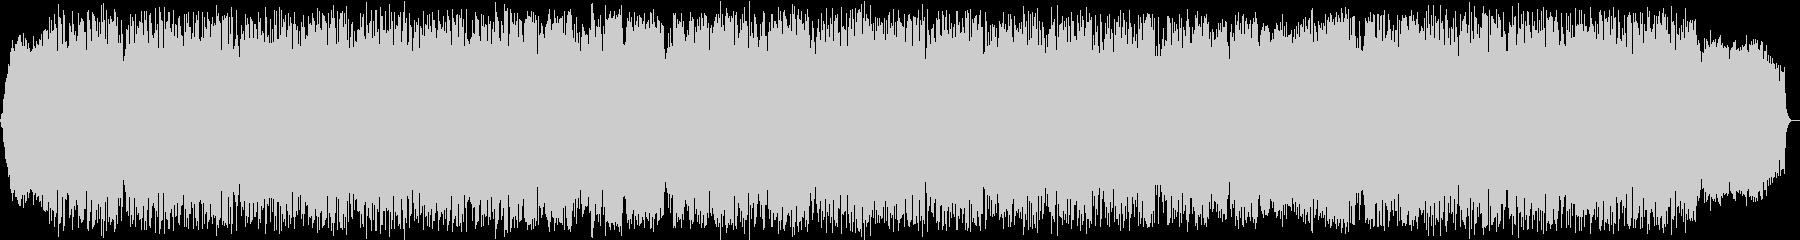 風のメロディ 竹笛のヒーリング音楽の未再生の波形